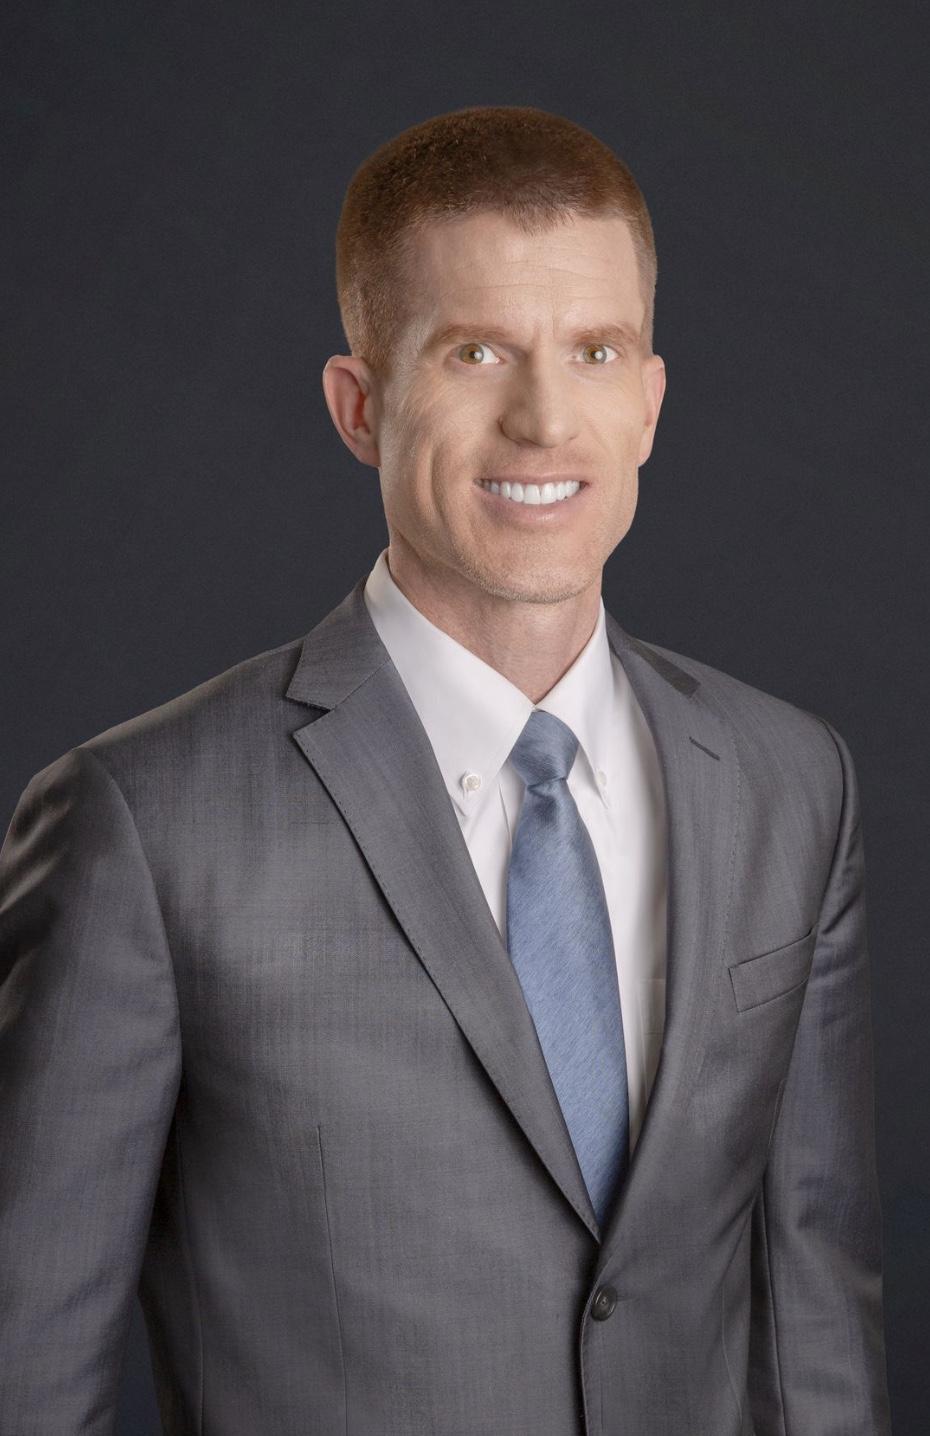 Chad Hanson, MD